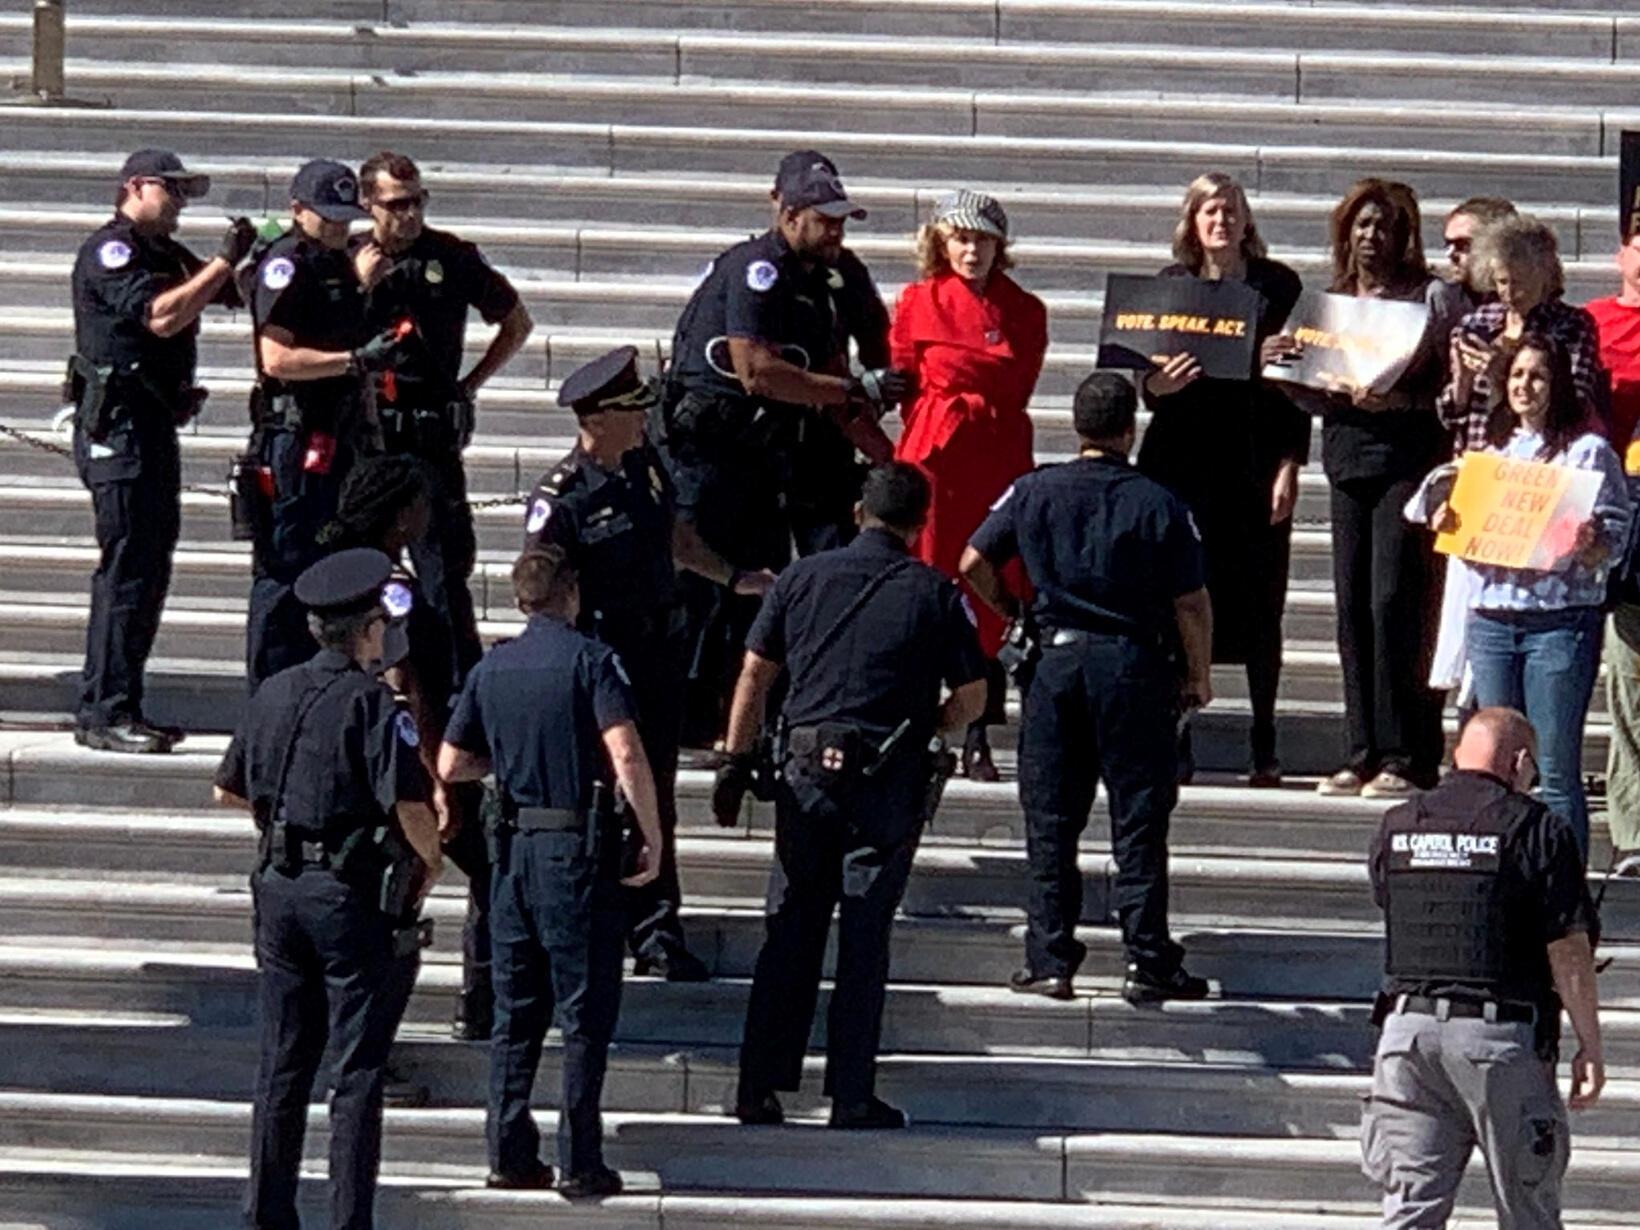 81歲的美國影星簡·方達因參與滅絕反抗運動而被警察戴上手銬拘押,2019年10月11日。